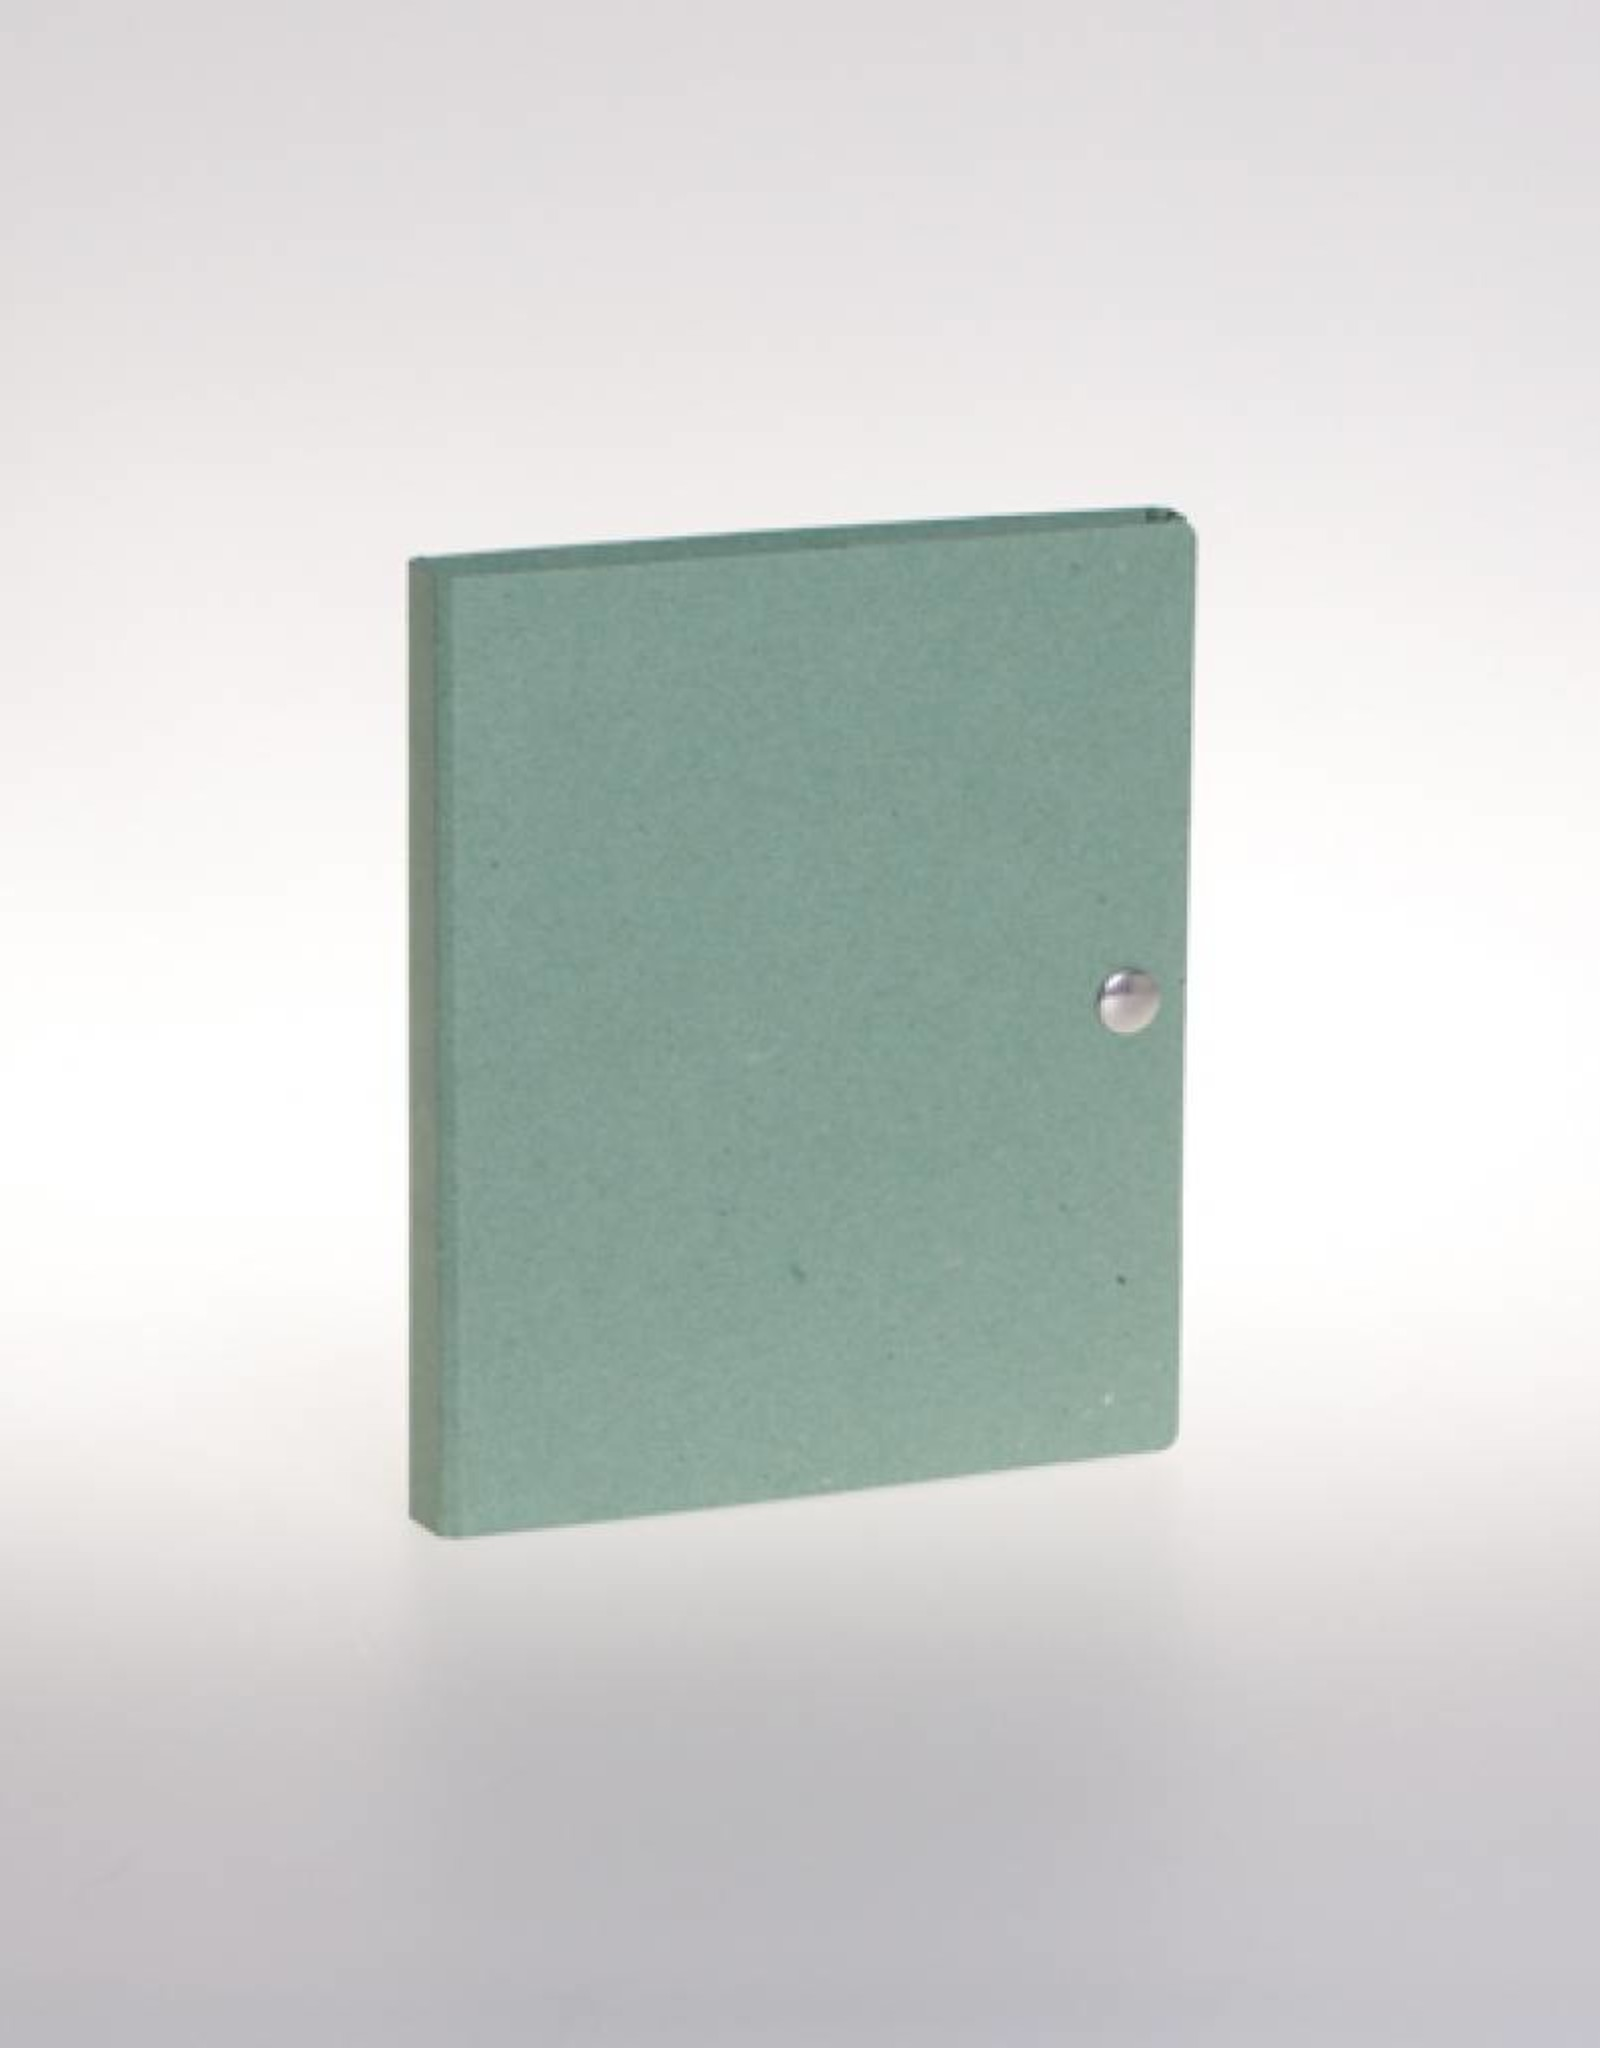 Ringband A5 met drukknoop, recycleboard groen